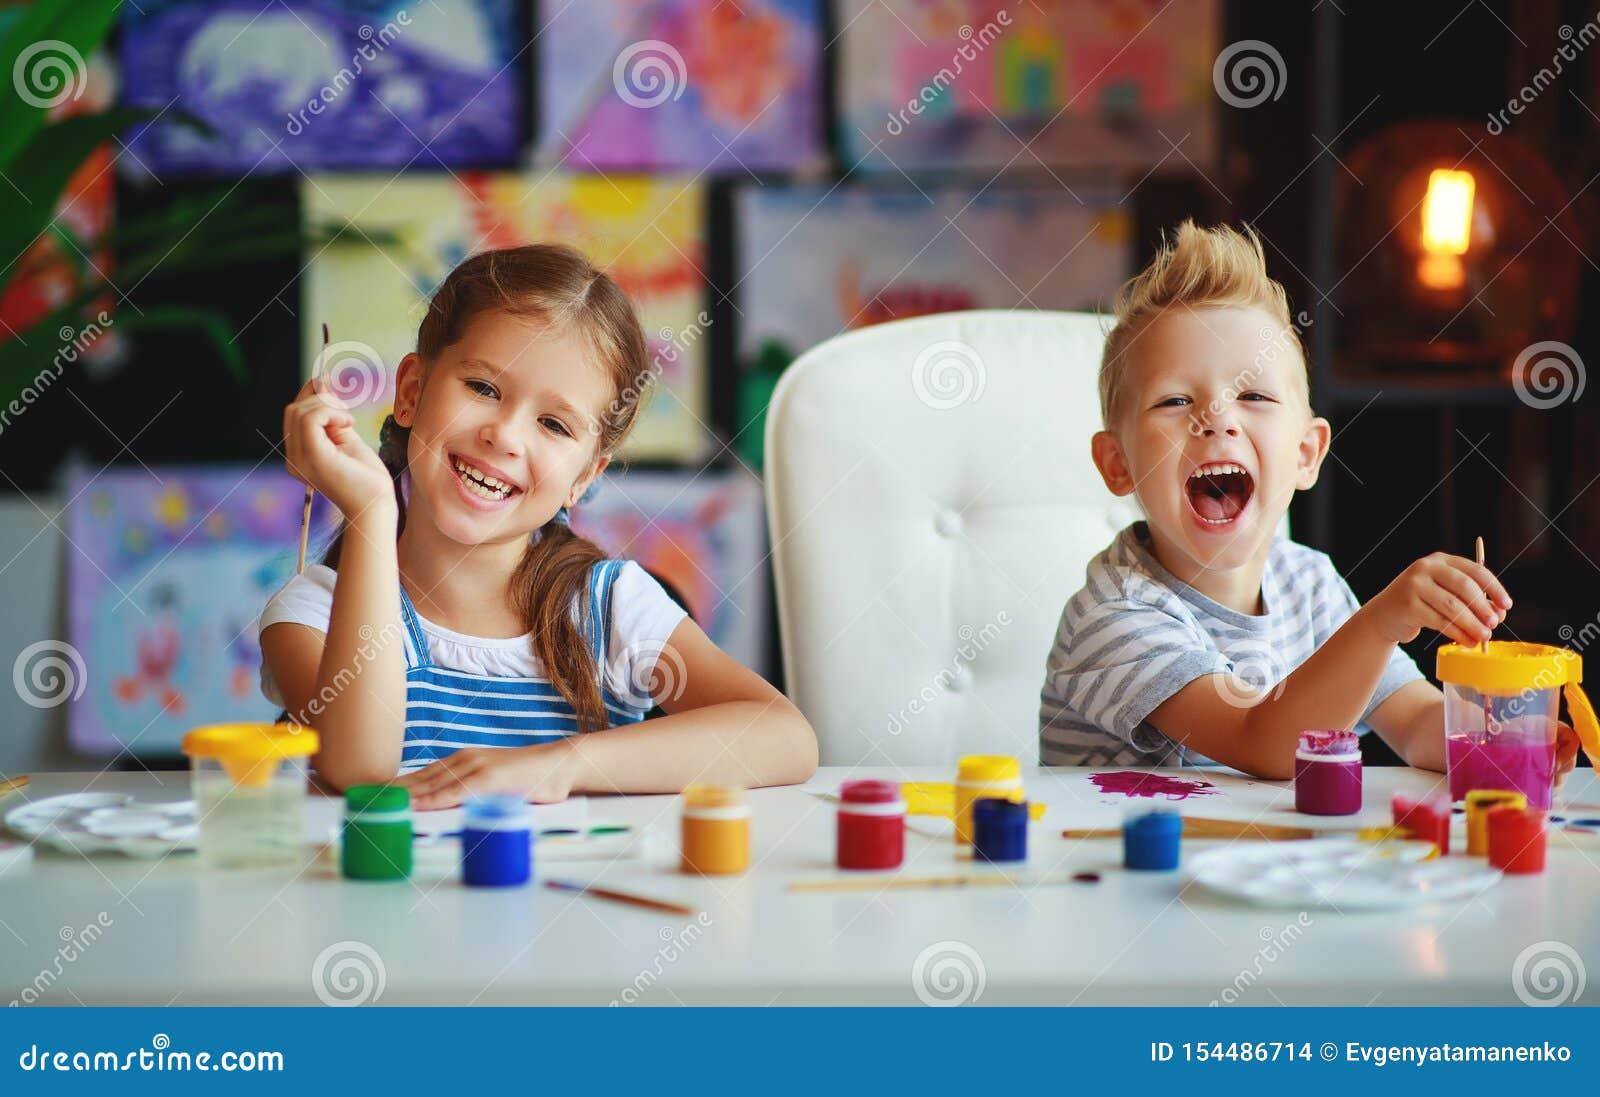 Les enfants drôles fille et garçon dessine rire avec la peinture